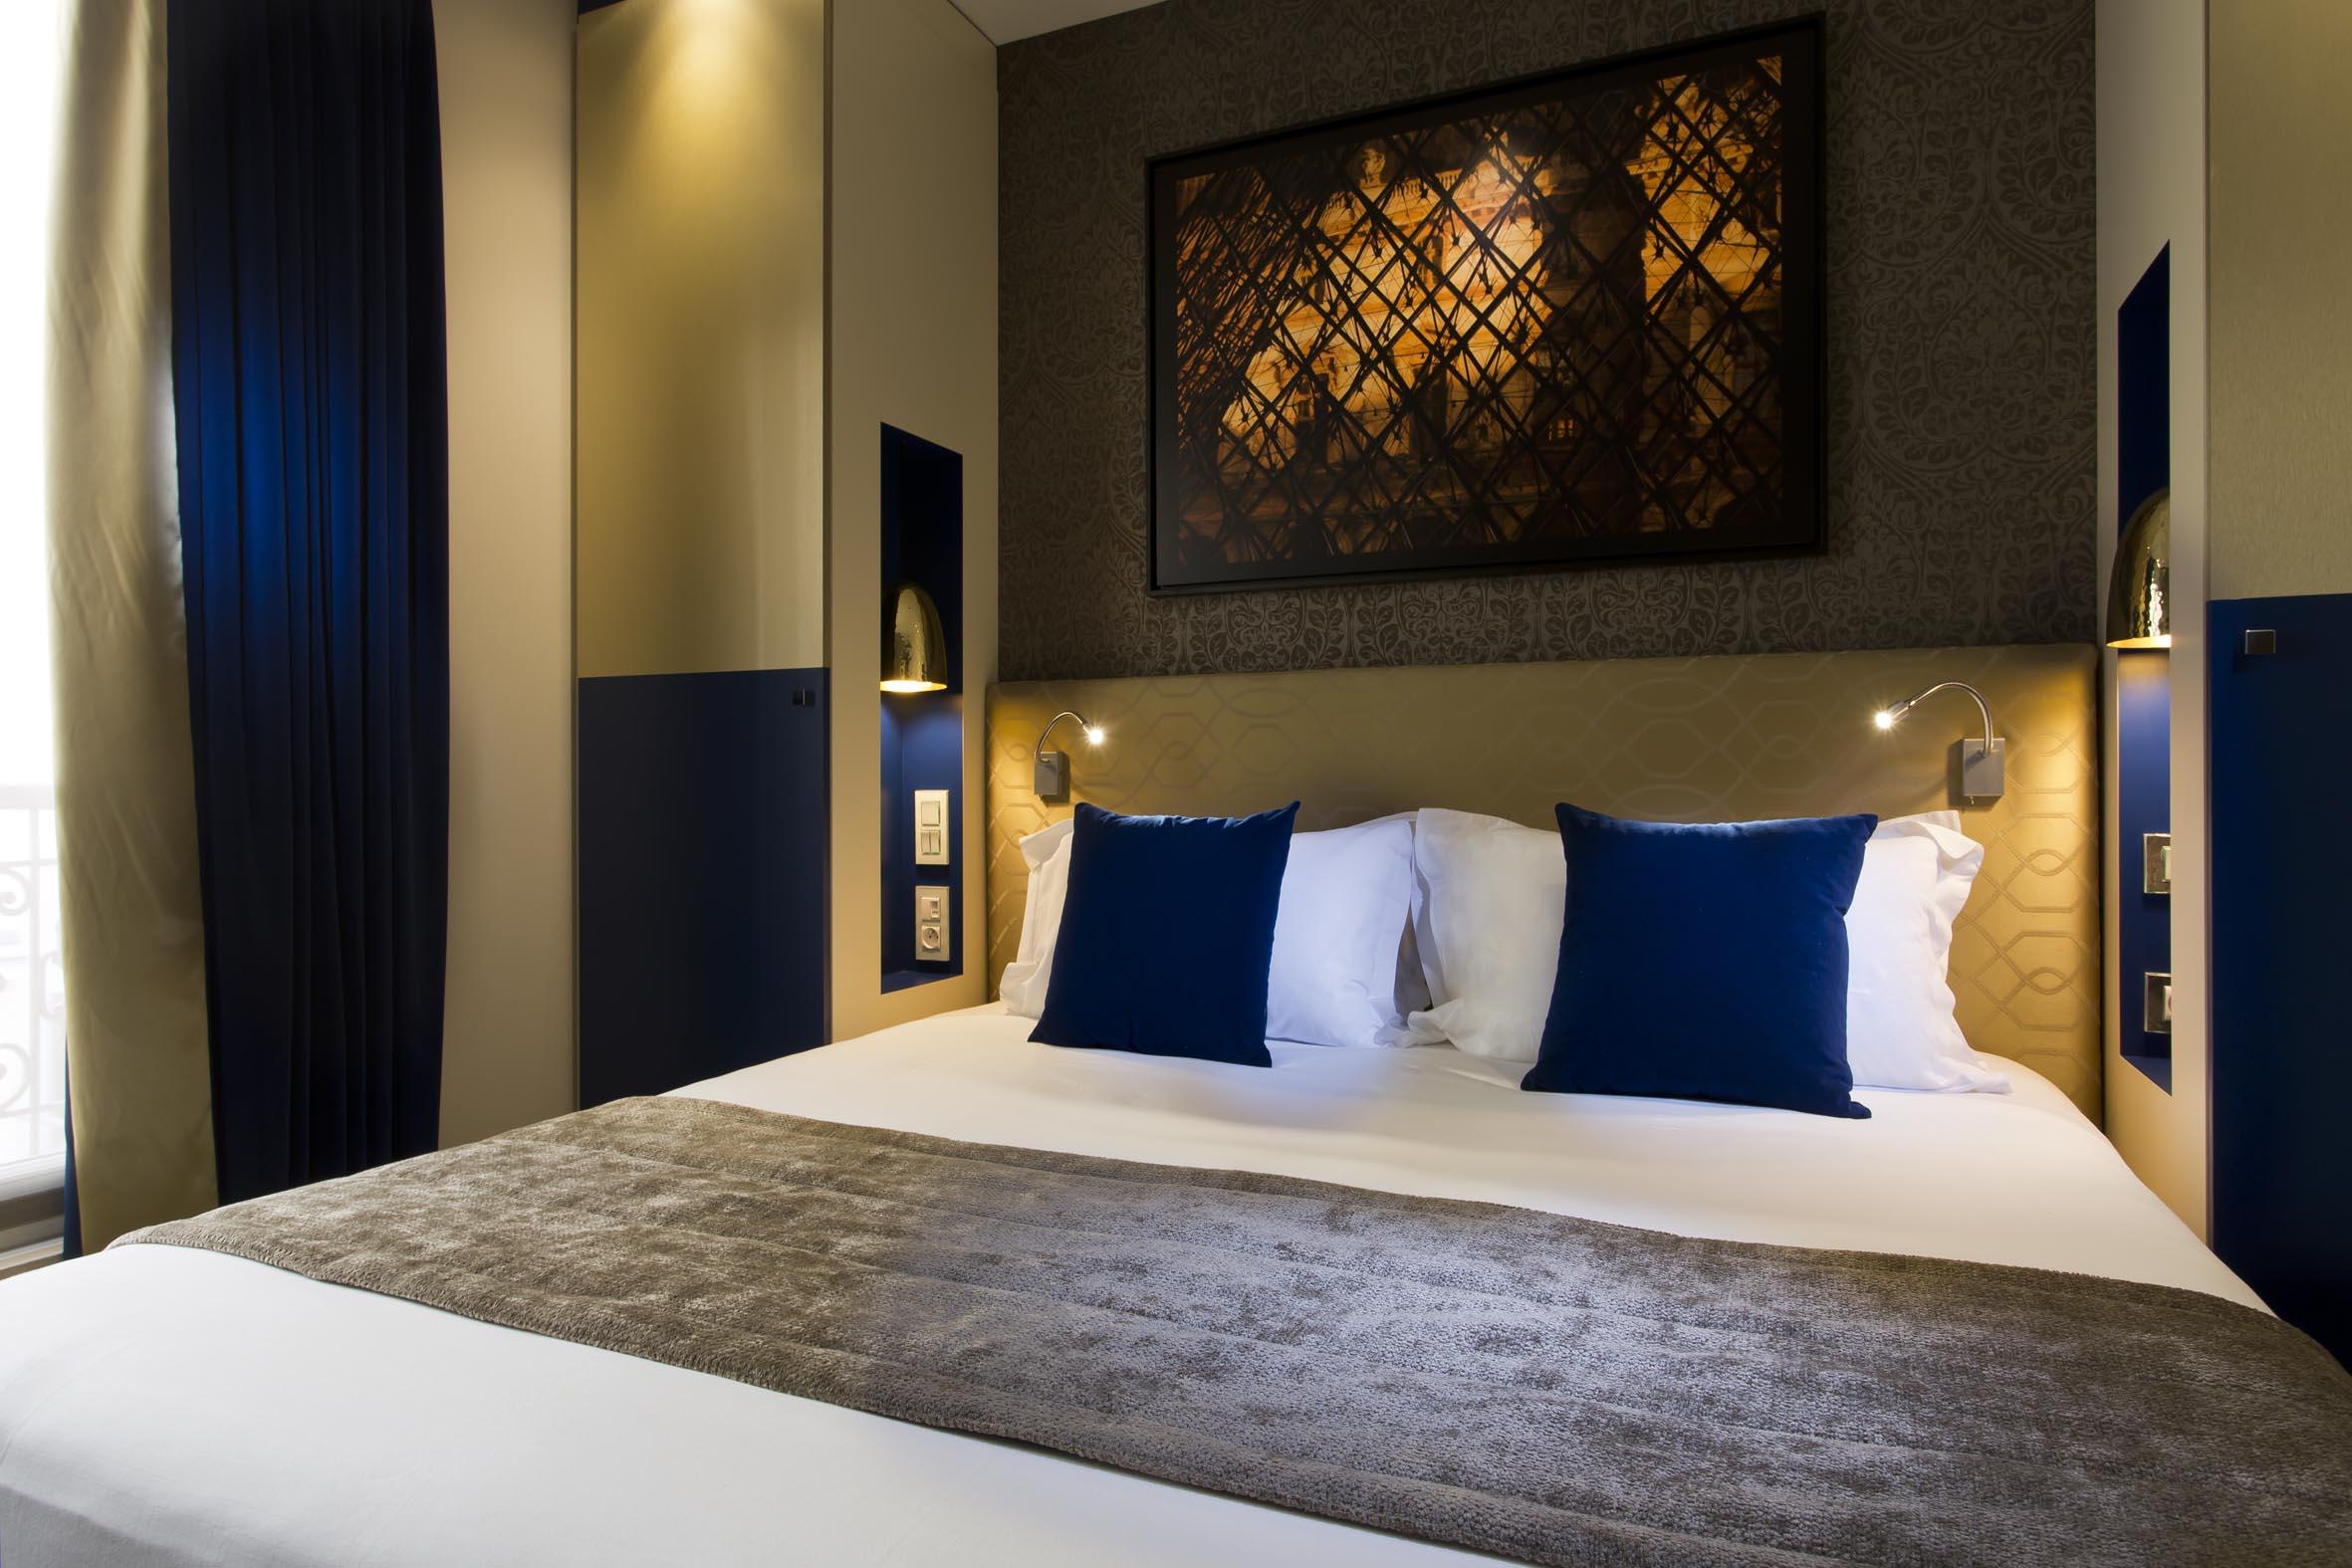 atmosph res un h tel design c t paris 5e parisienne paris choses vues paris. Black Bedroom Furniture Sets. Home Design Ideas